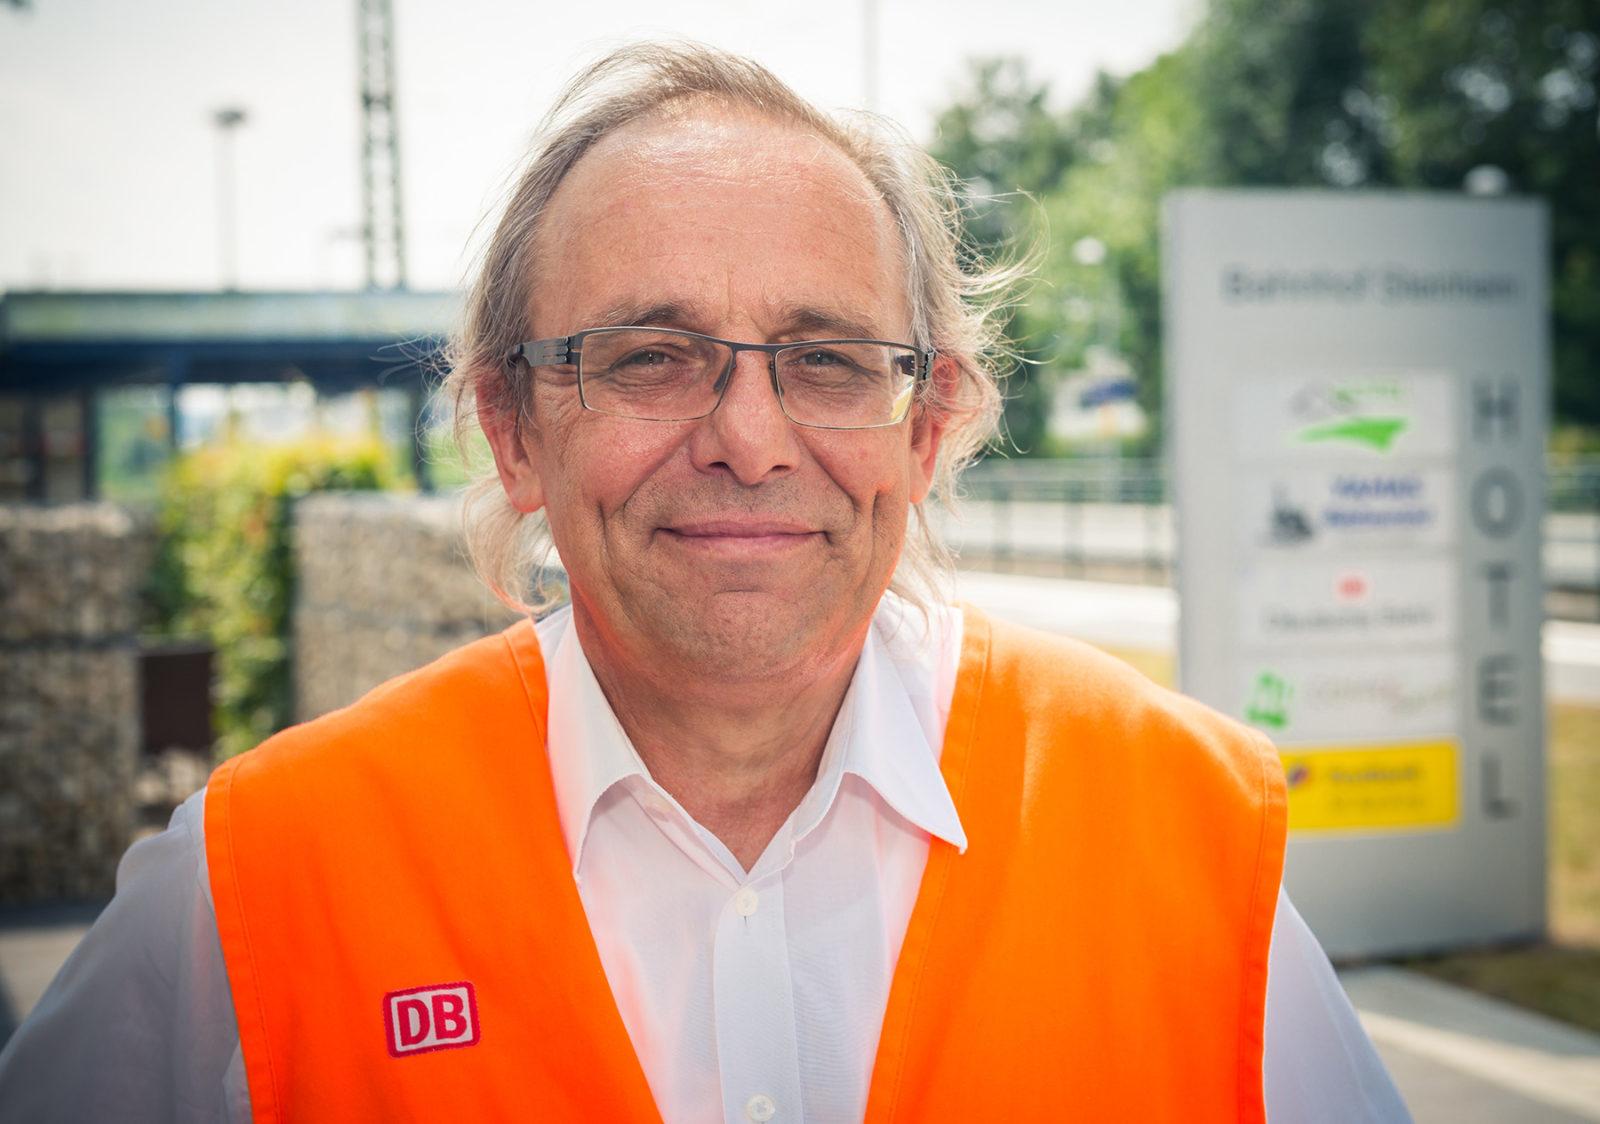 Der Kopf hinter dem Erfolgsprojekt Bahnhof Steinheim (Westfalen): Der Bahnhofsmanager Martin Nowosad